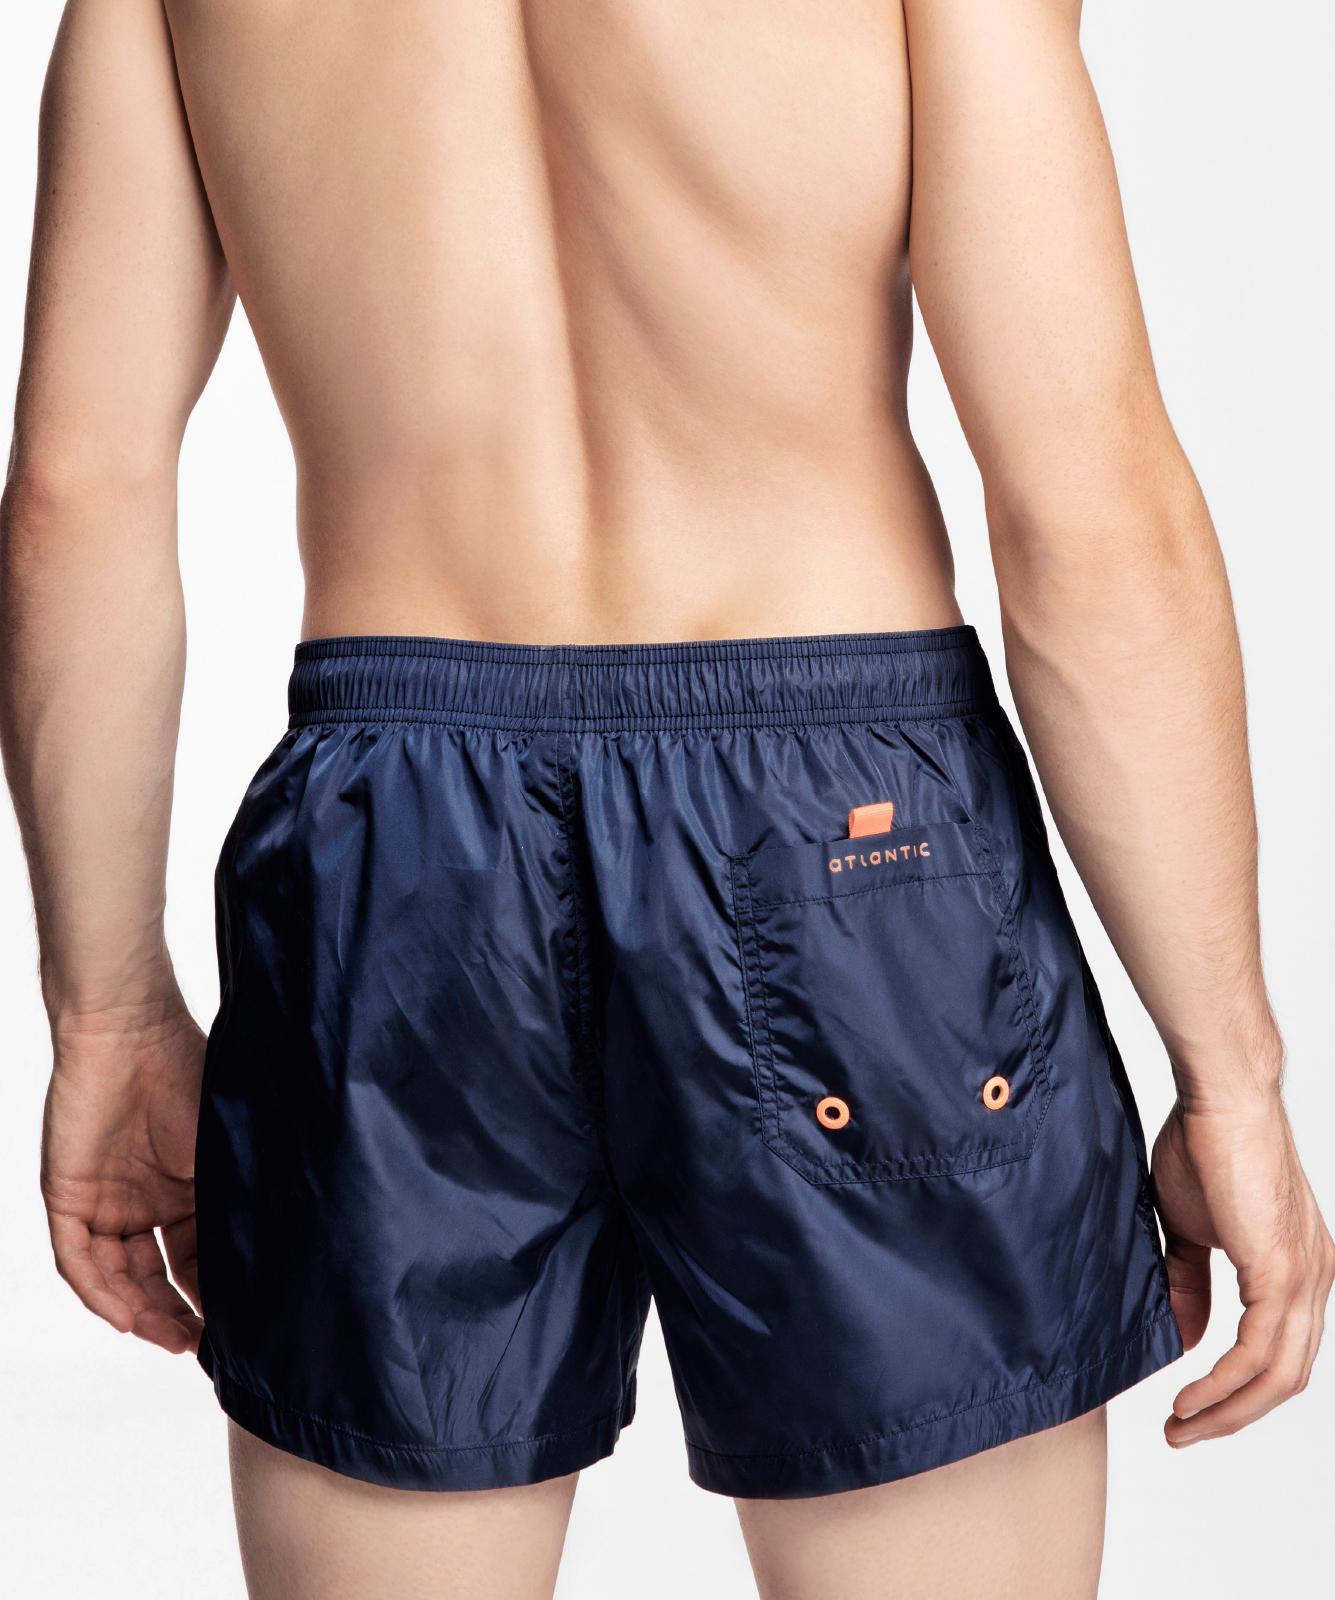 Пляжные шорты мужские Atlantic, 1 шт. в уп., полиэстер, темно-синие, KMB-188